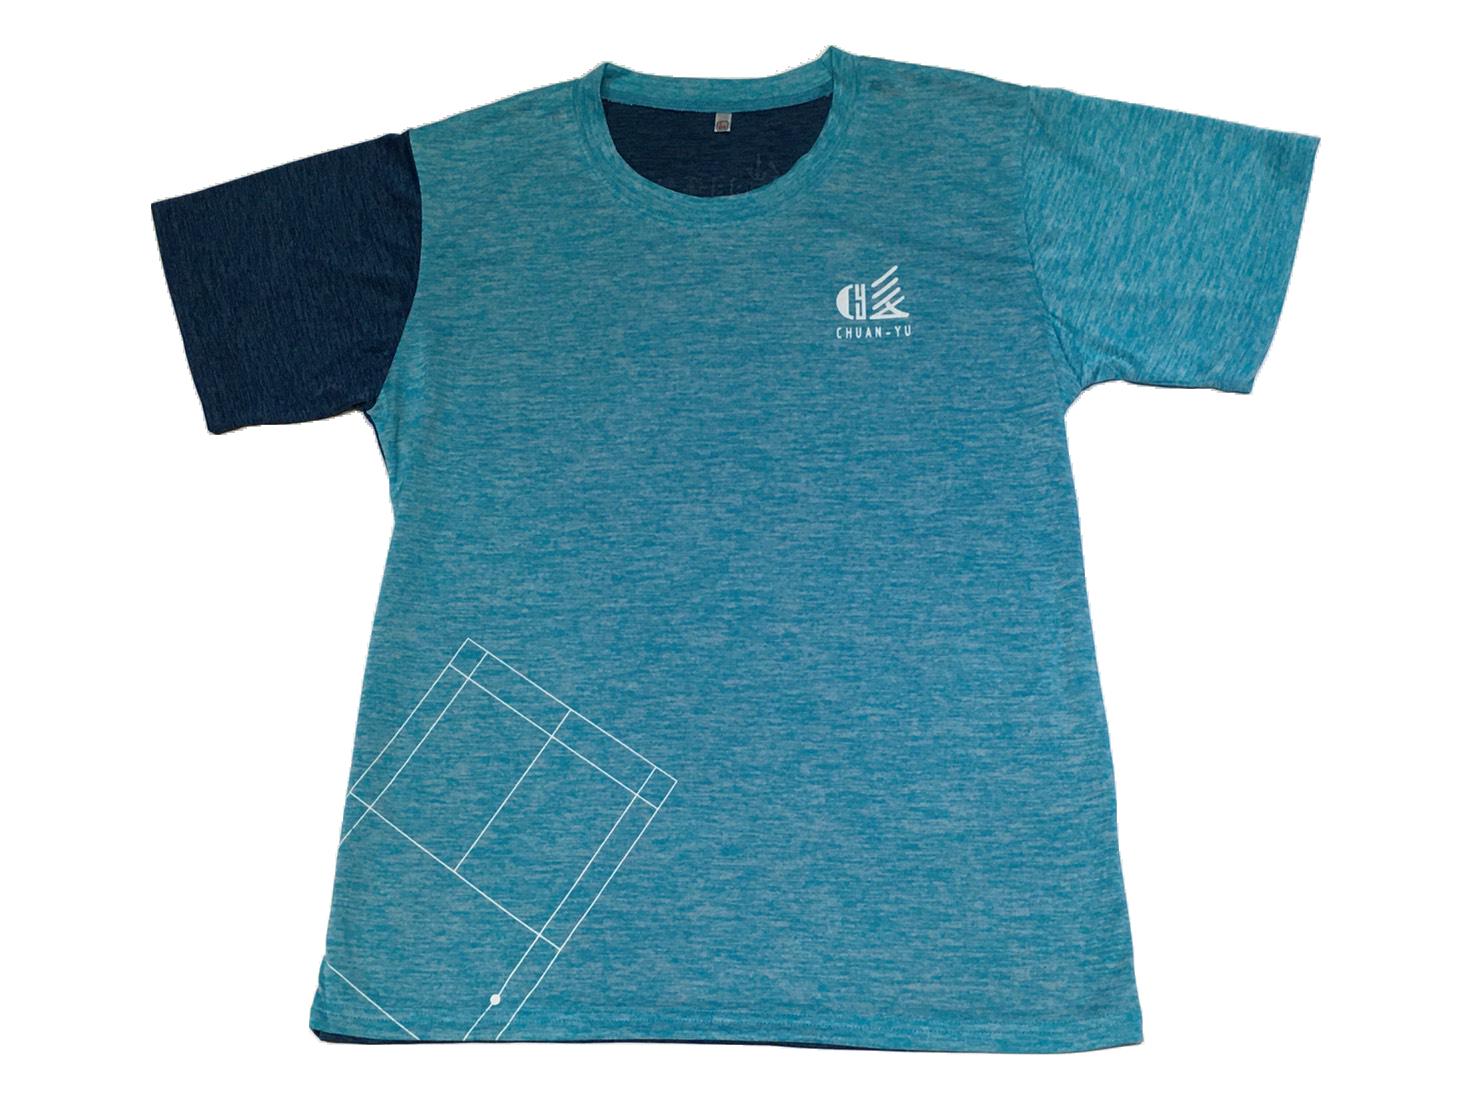 傳羽短袖球衣(前後藍)